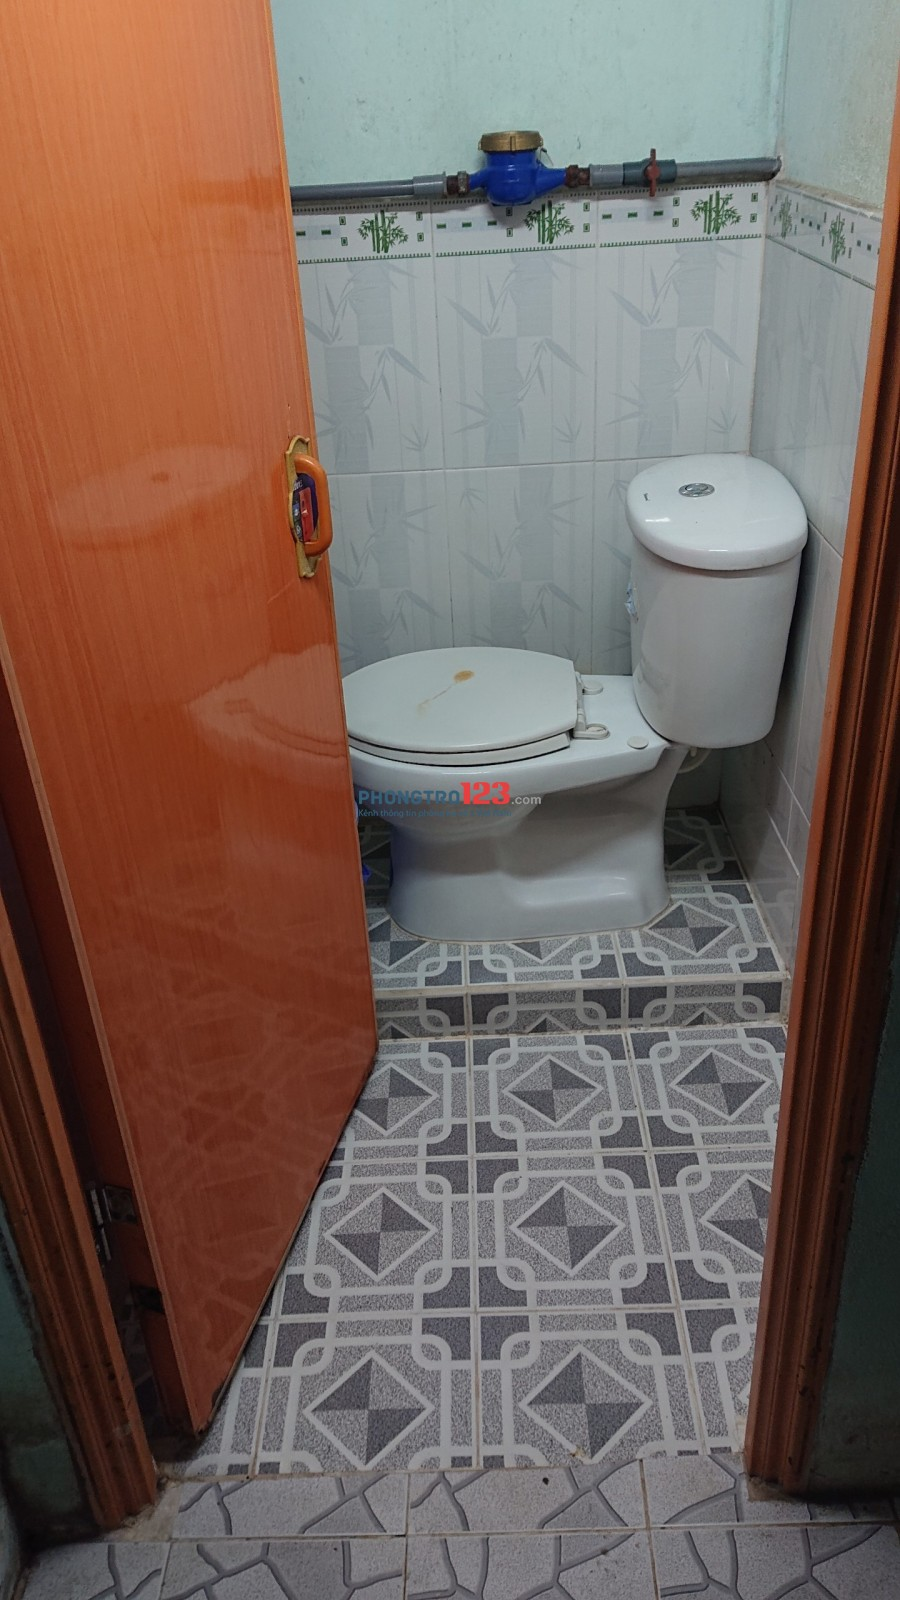 Cho thuê phòng trọ mới sửa chữa sạch sẽ, an ninh. Giá chỉ từ 2 triệu/tháng Có hỗ trợ giá mùa Covid !!!!